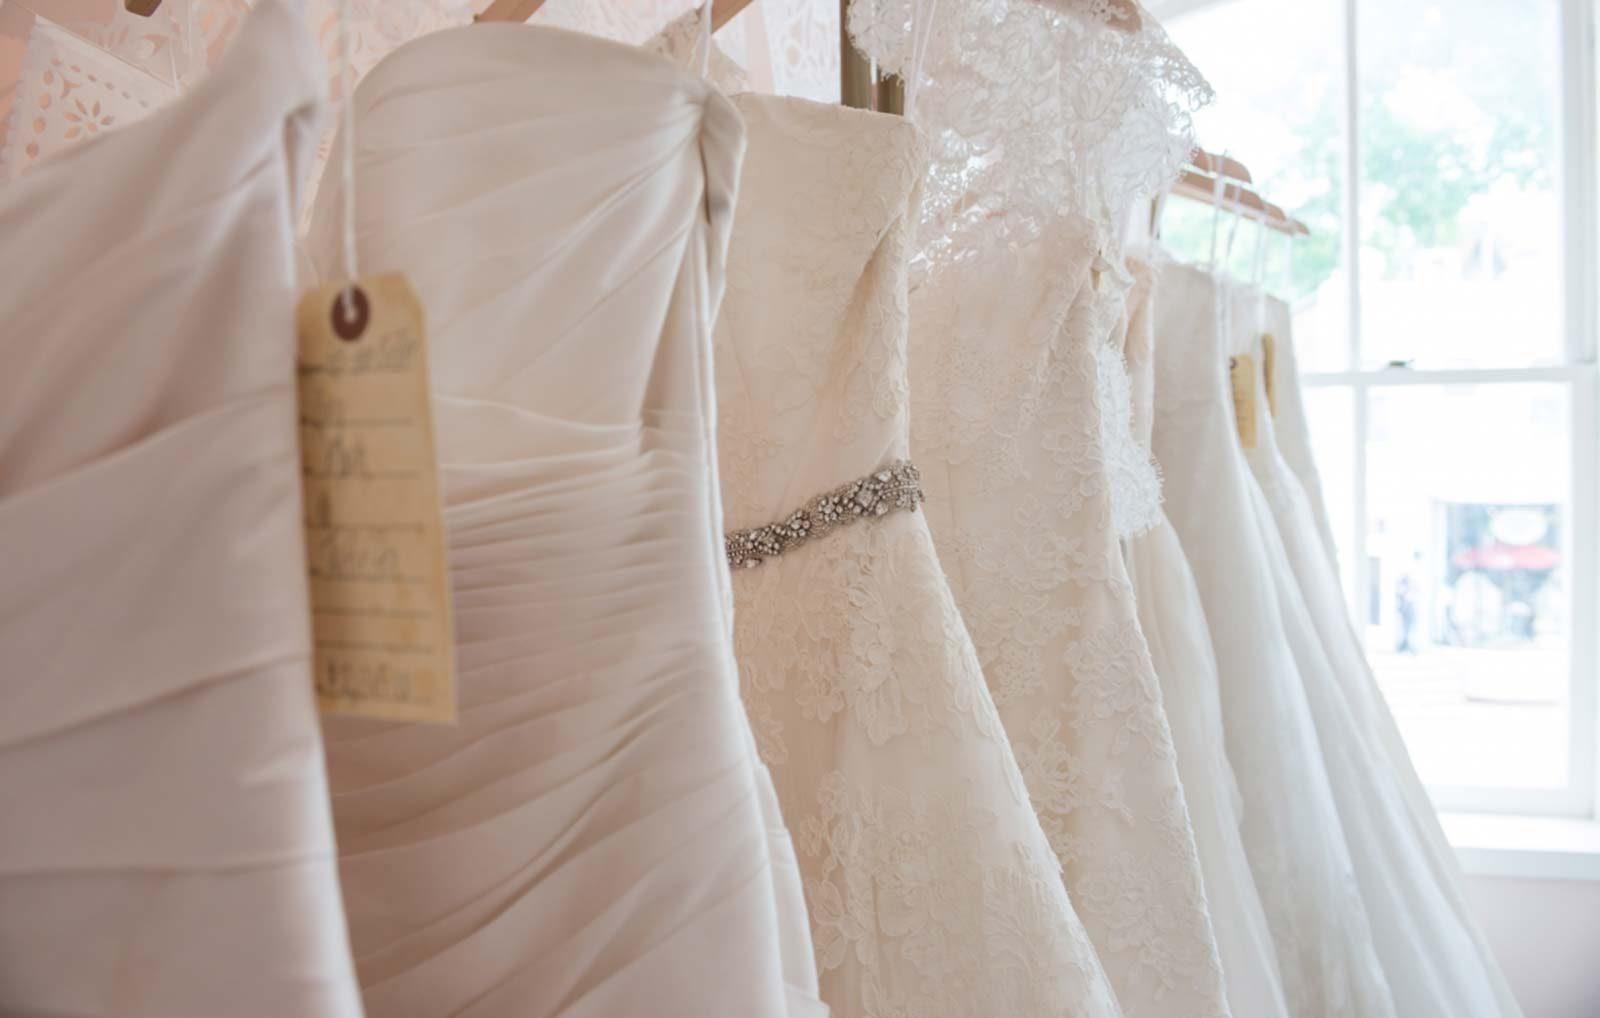 Qué hago con mi vestido de novia después de la boda?